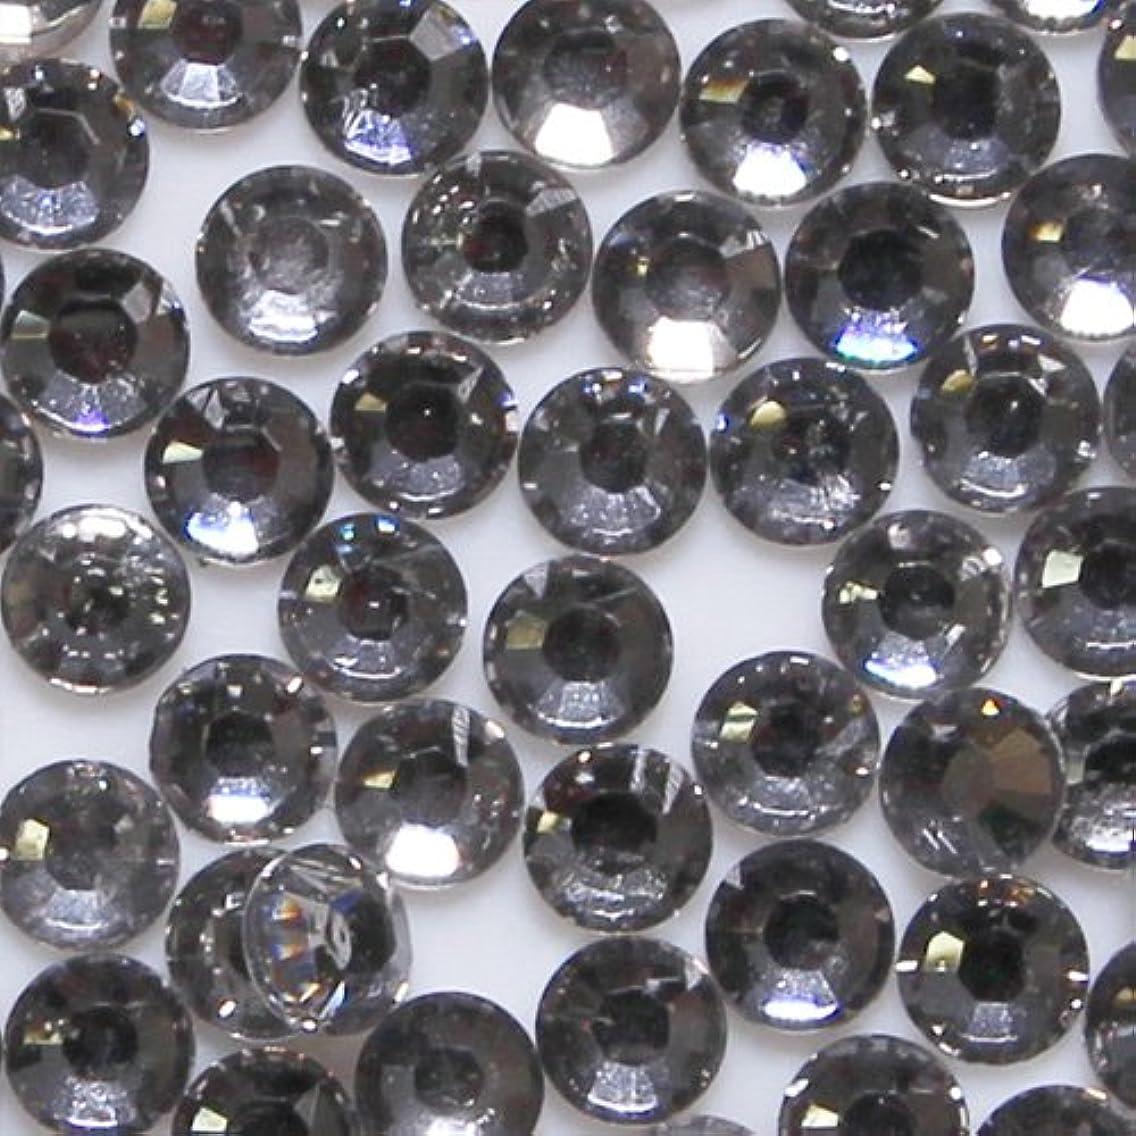 起こりやすい虚偽同時高品質 アクリルストーン ラインストーン ラウンドフラット 約1000粒入り 2mm ブラックダイヤモンド